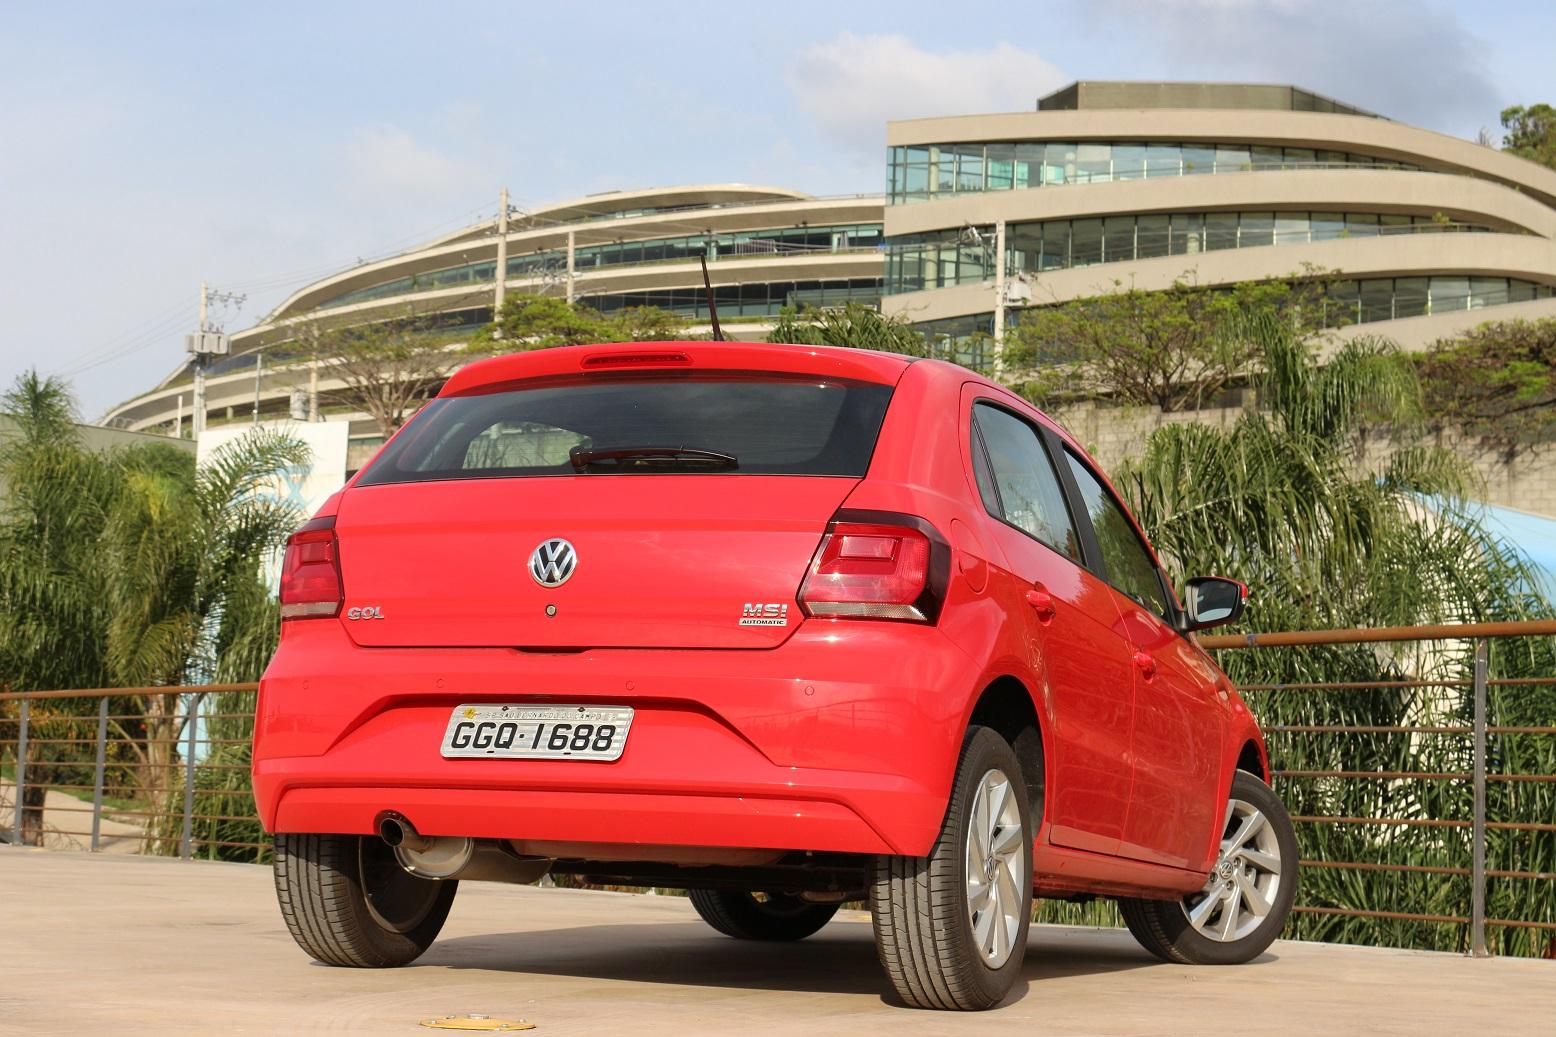 Avaliação mostra que Volkswagen Gol automático tem mecânica eficiente, mas projeto está datado em outros aspectos